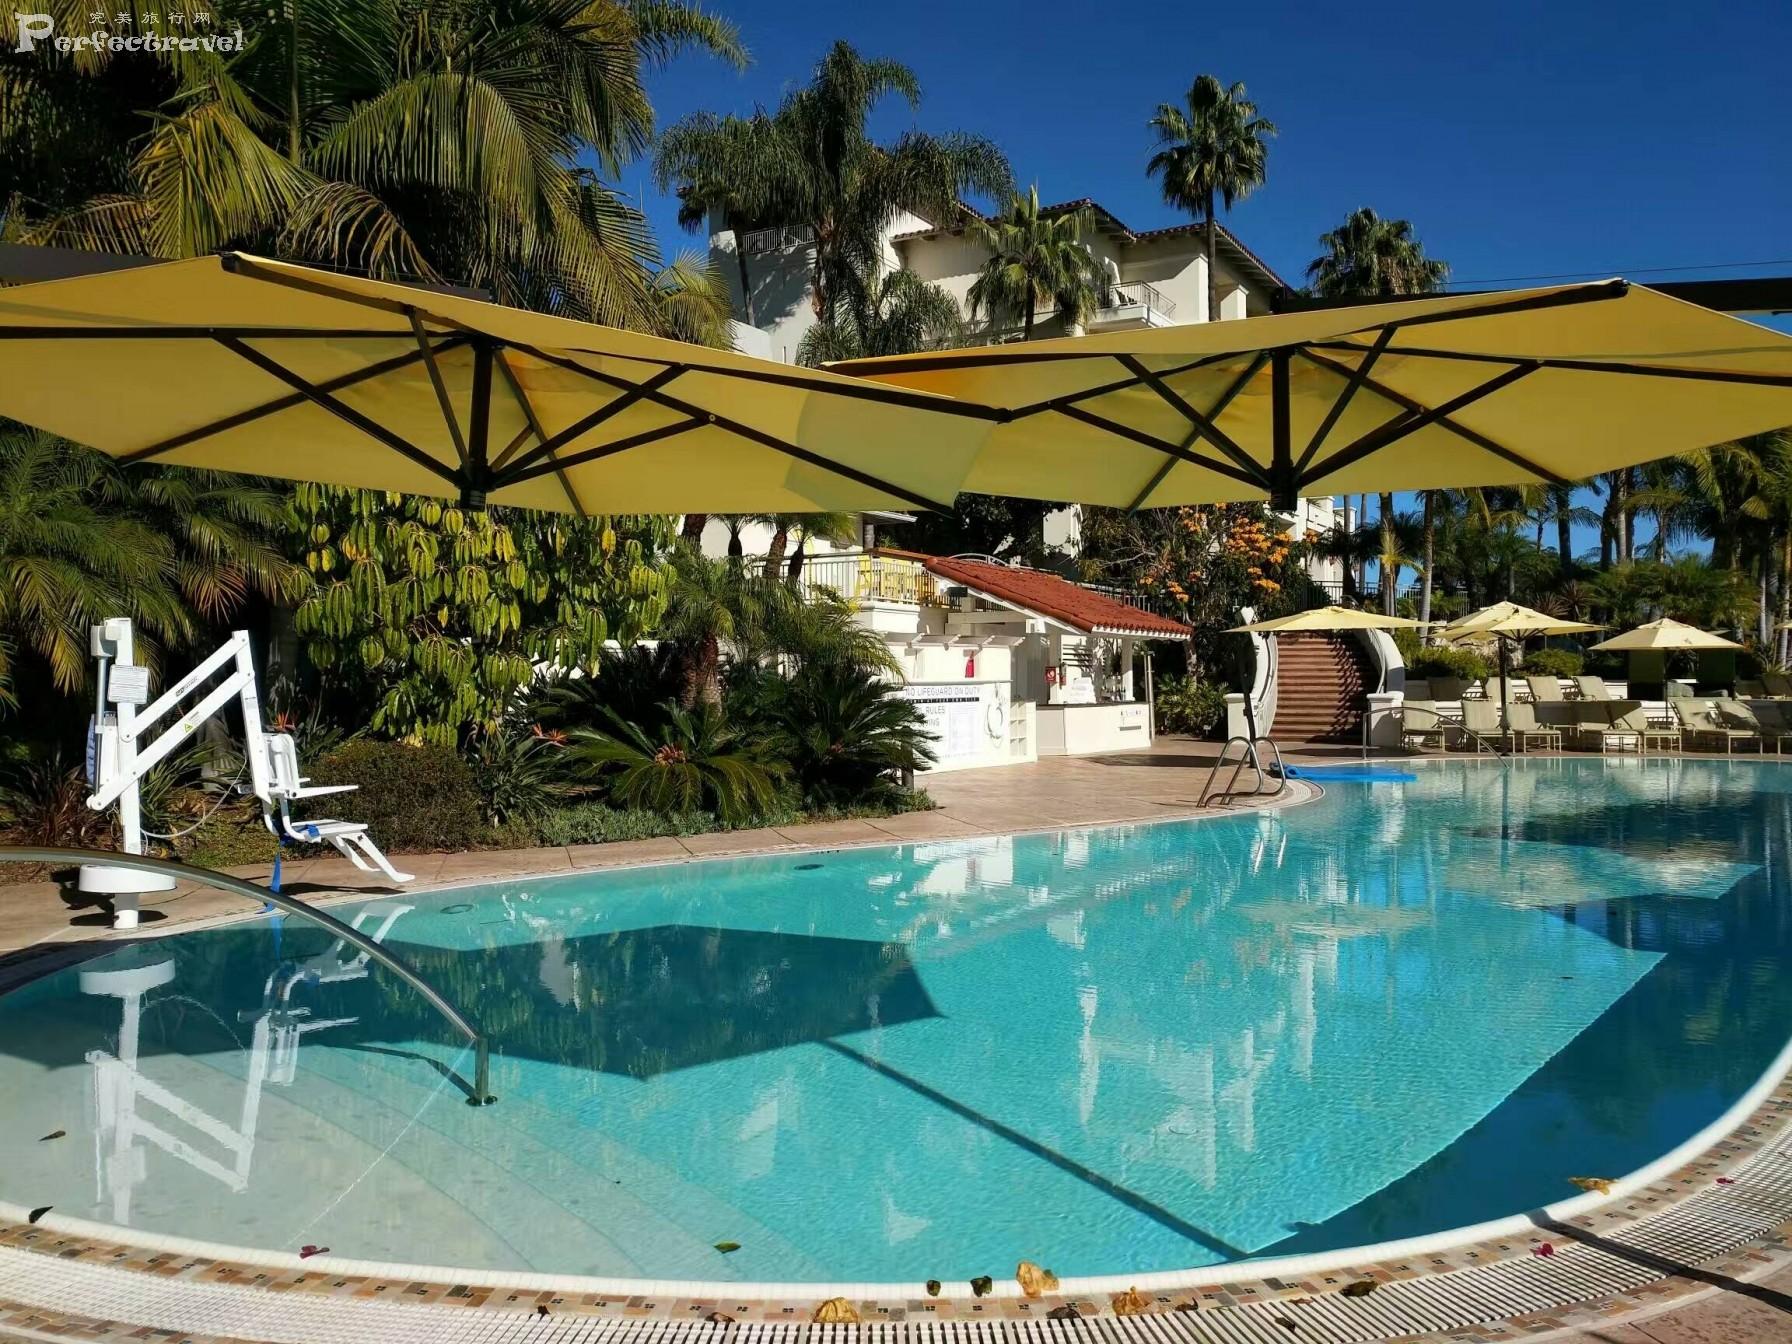 美国西海岸最出色的度假酒店居然在这里|花样姐姐游美国(第十二天) - 完美旅行Perfectravel - 完美旅行Perfectravel的博客